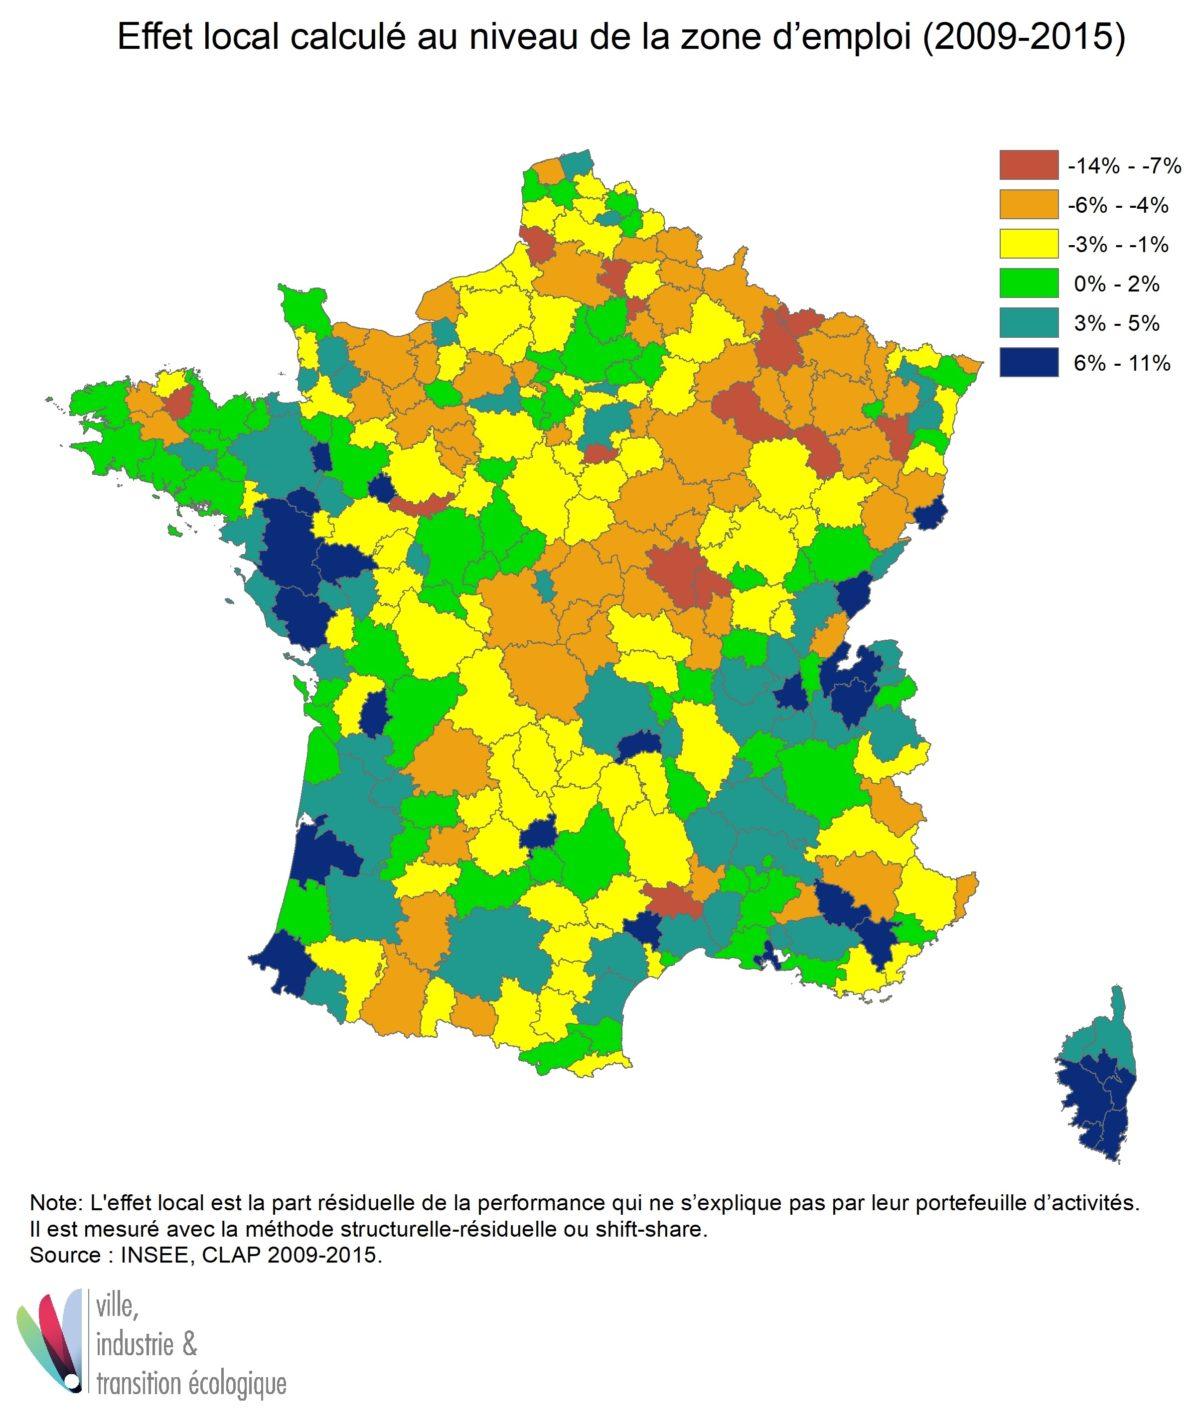 Effet local calculé au niveau de la zone d'emploi (2009-2015)